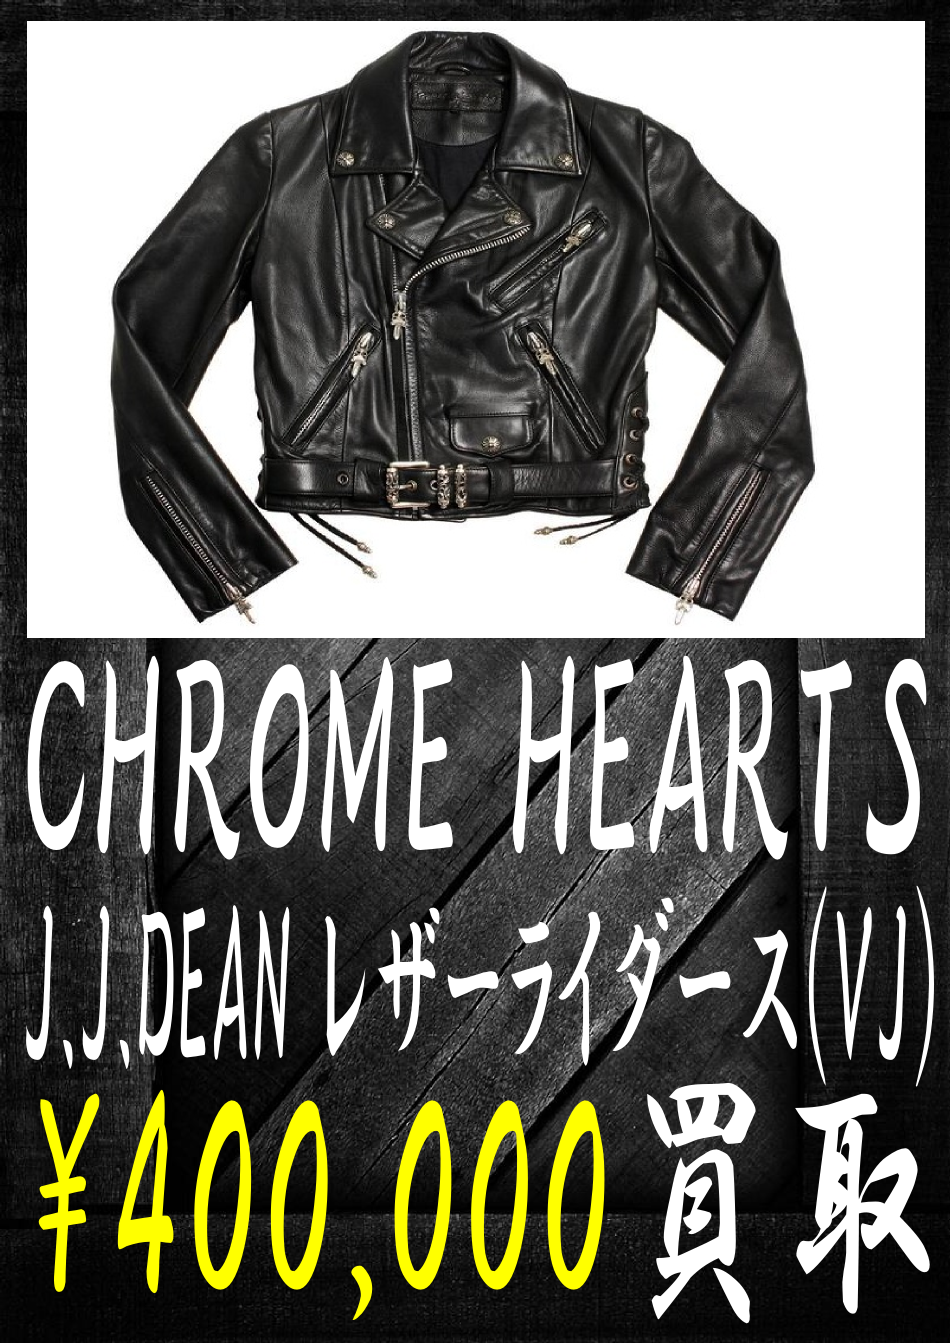 クロムハーツのJJ-DEAN-レザーライダース(VJ)400000円買取です。